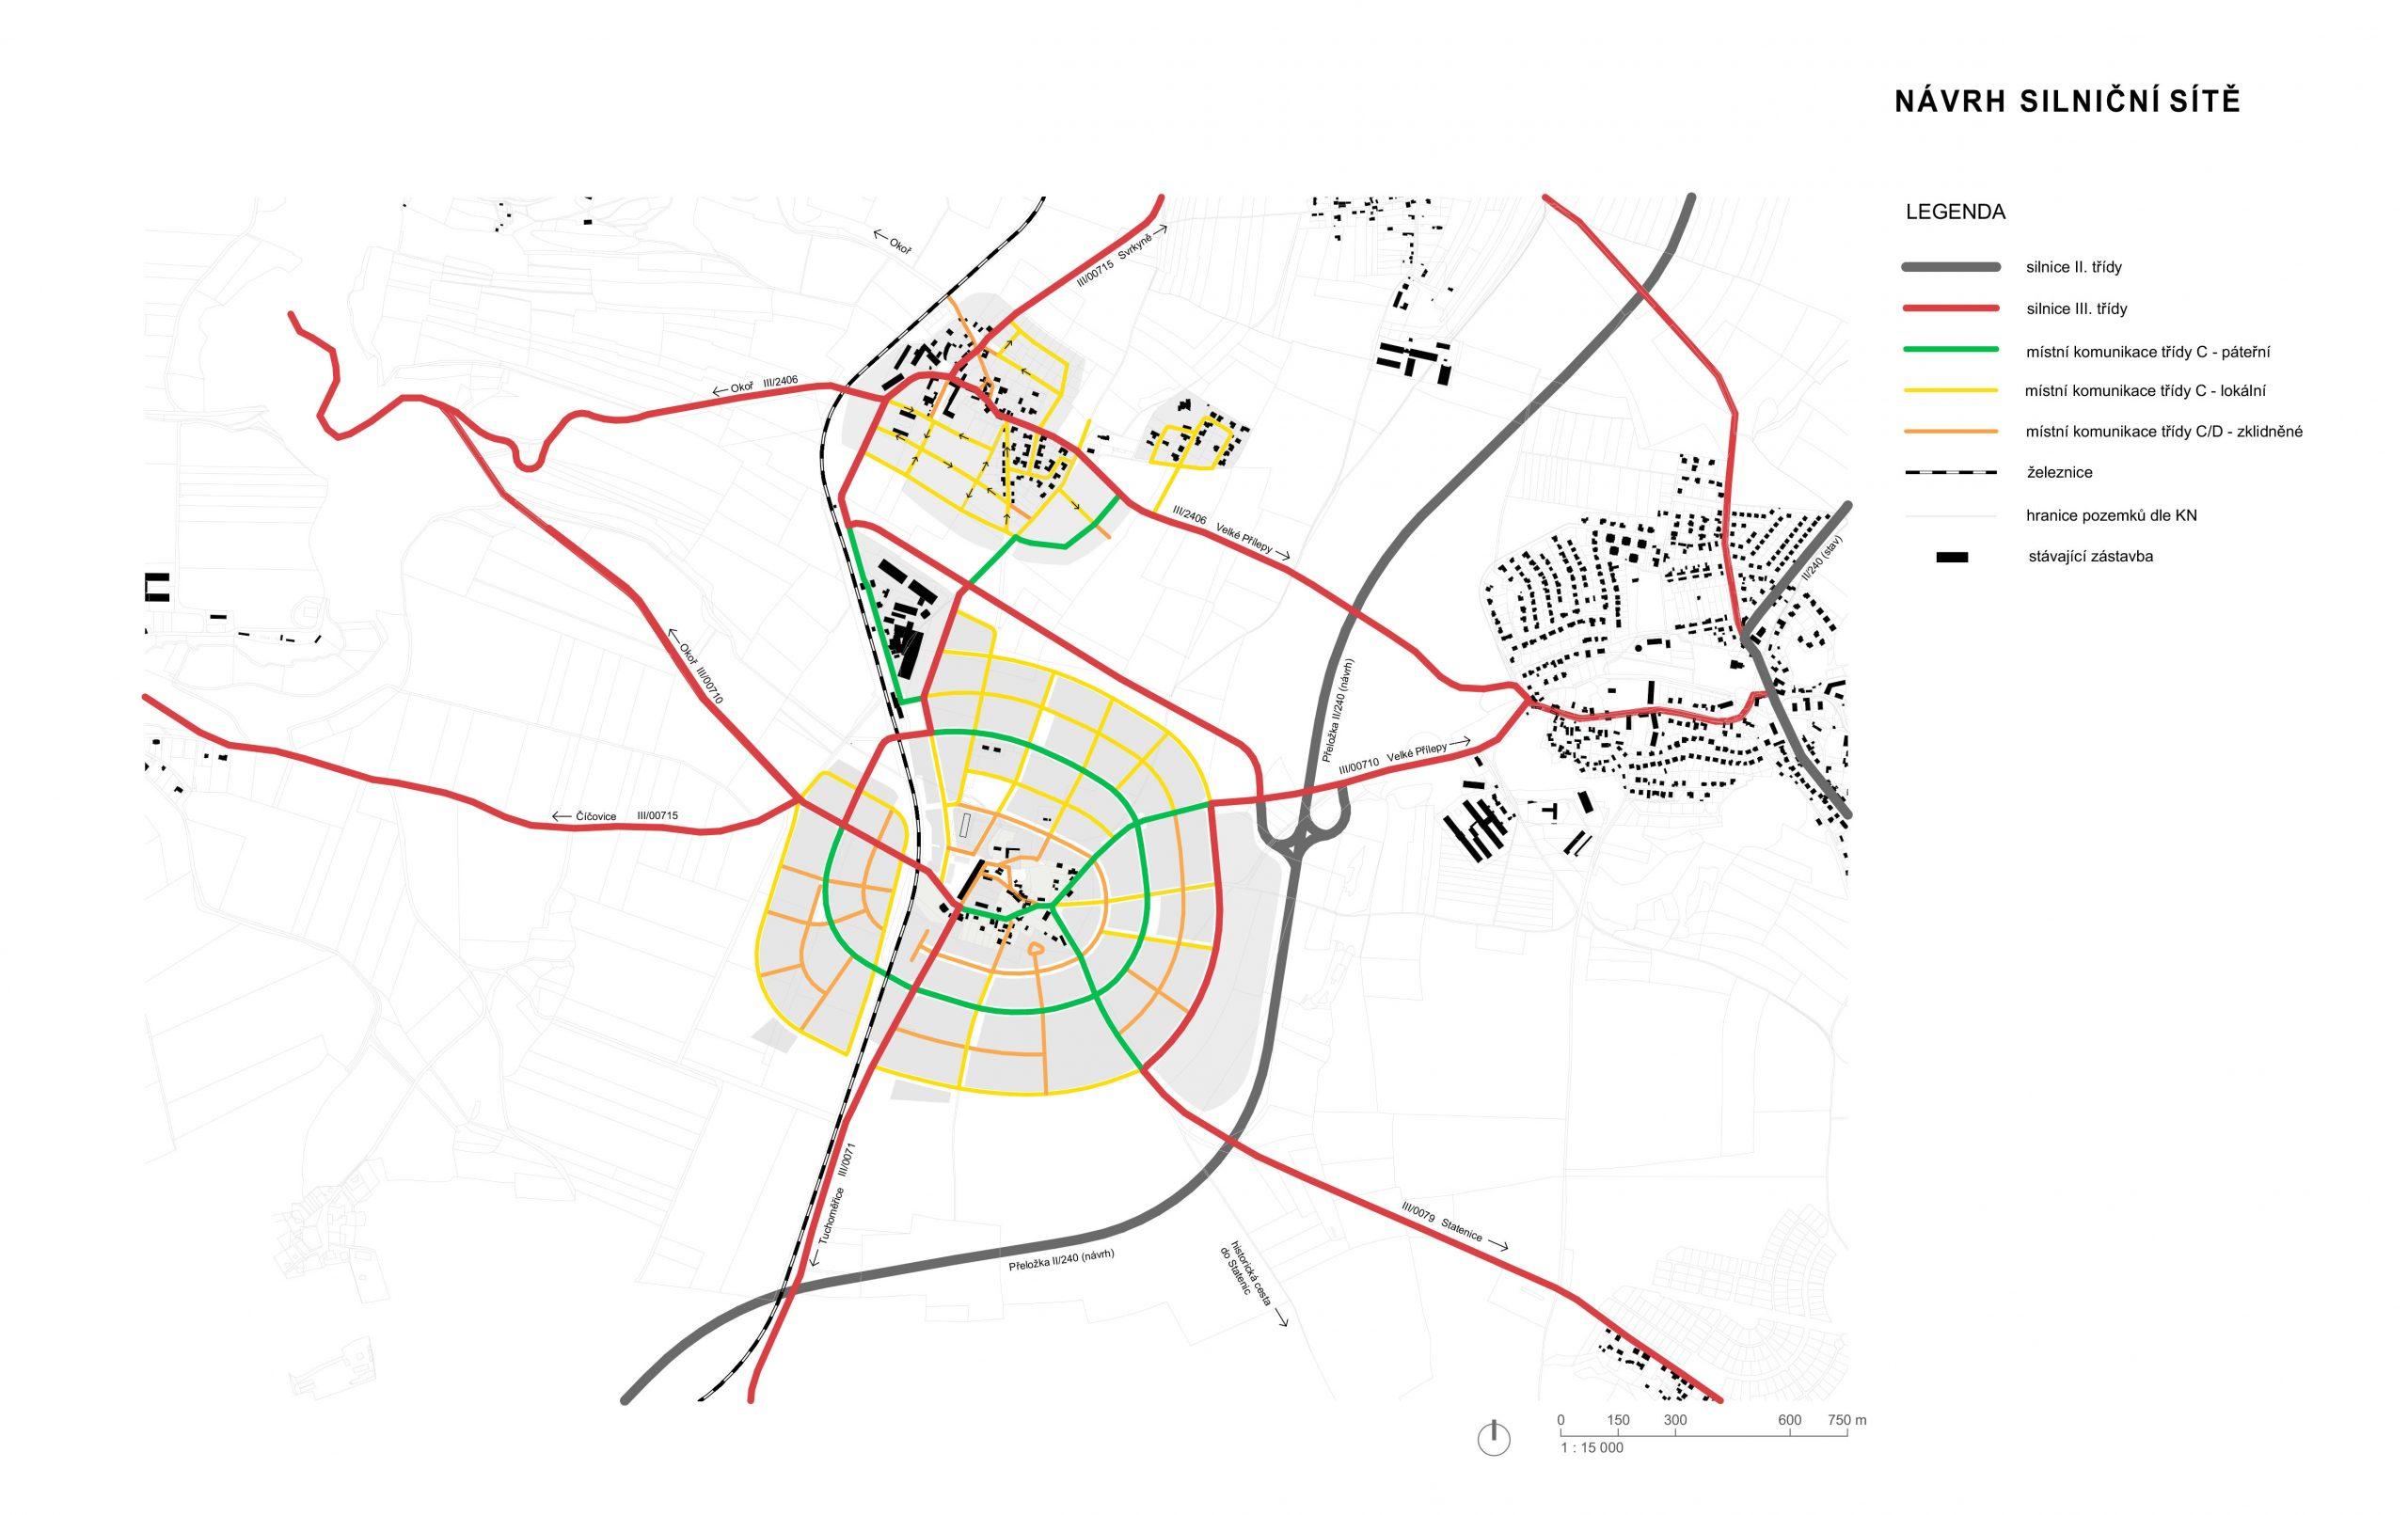 Návrh silniční sítě